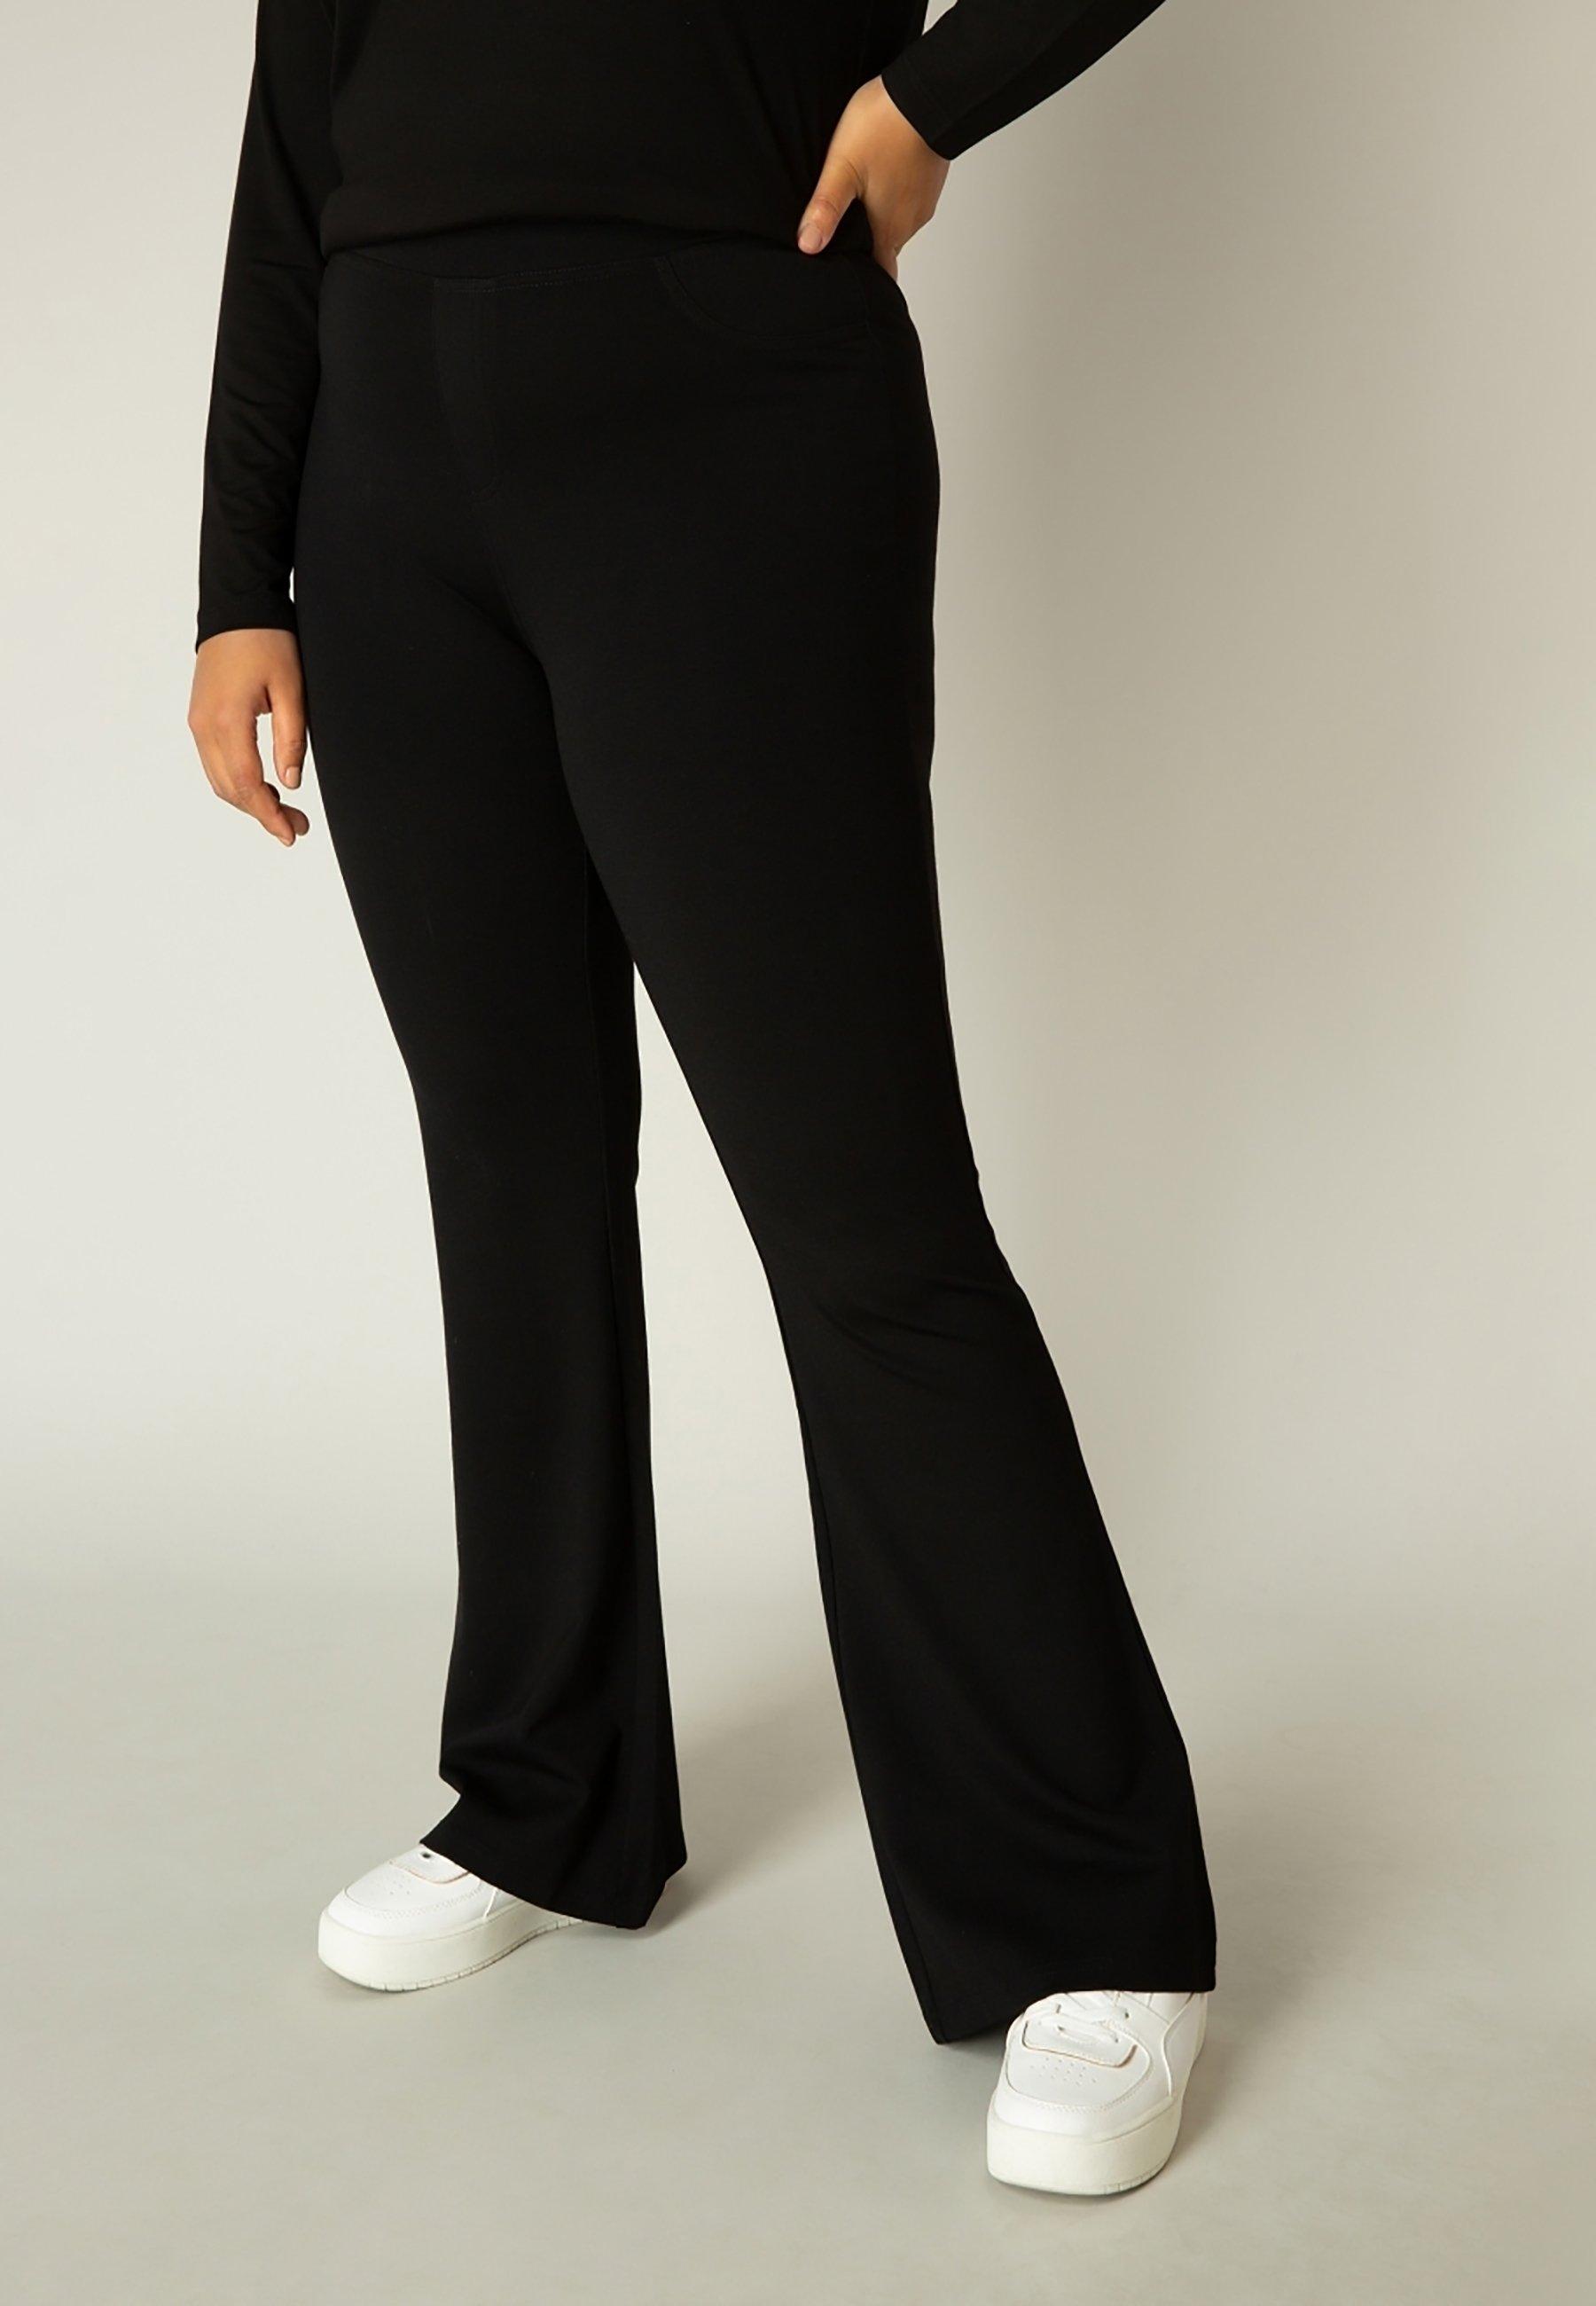 Damen ALLIE - Leggings - Hosen